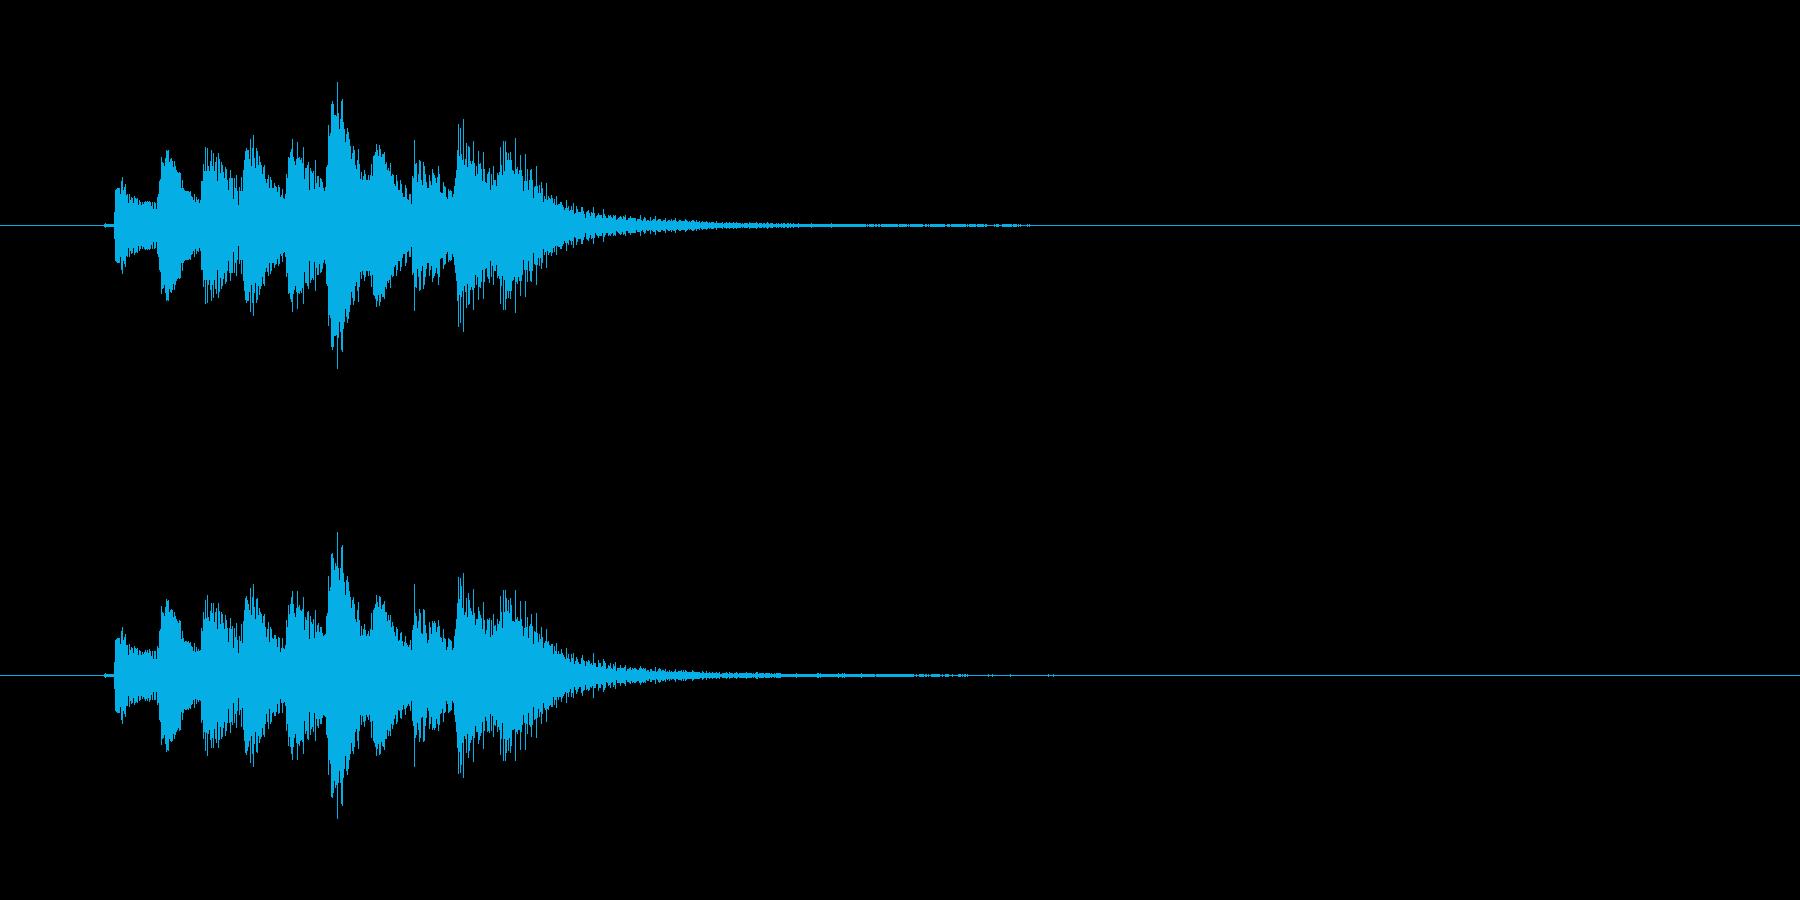 和風効果音 琴5の再生済みの波形